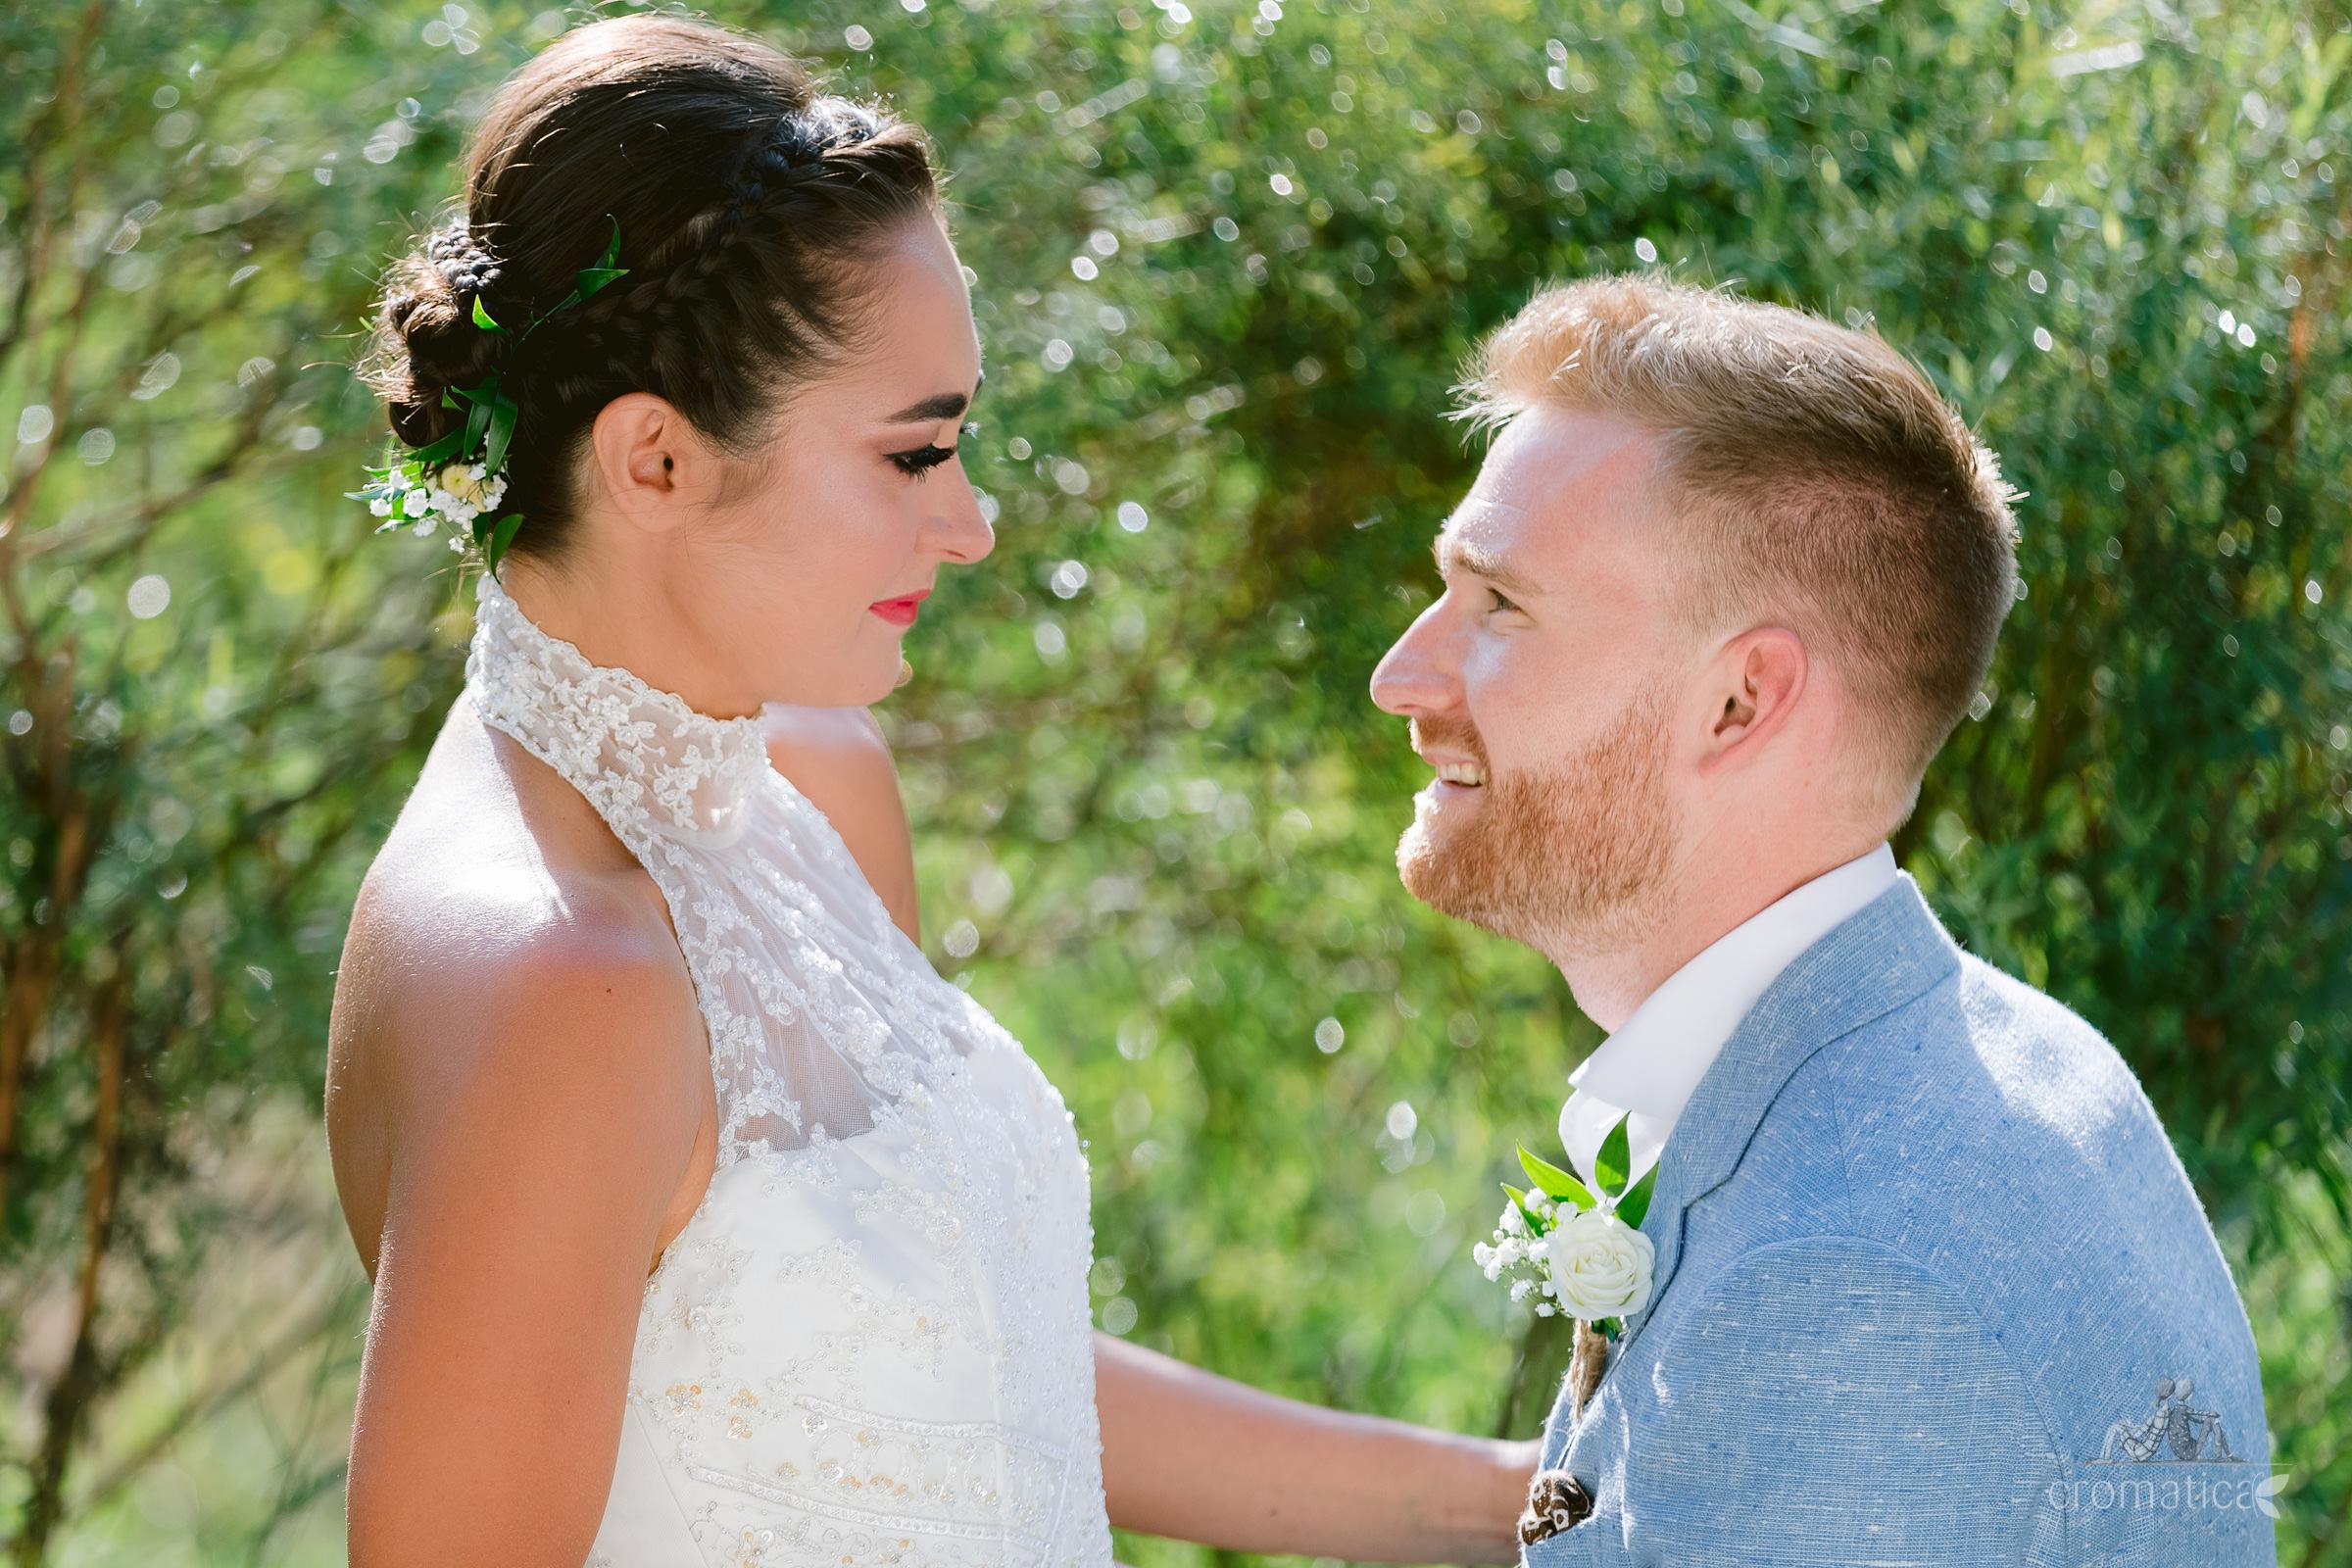 georgiana robert fotografii nunta casa vlasia 032